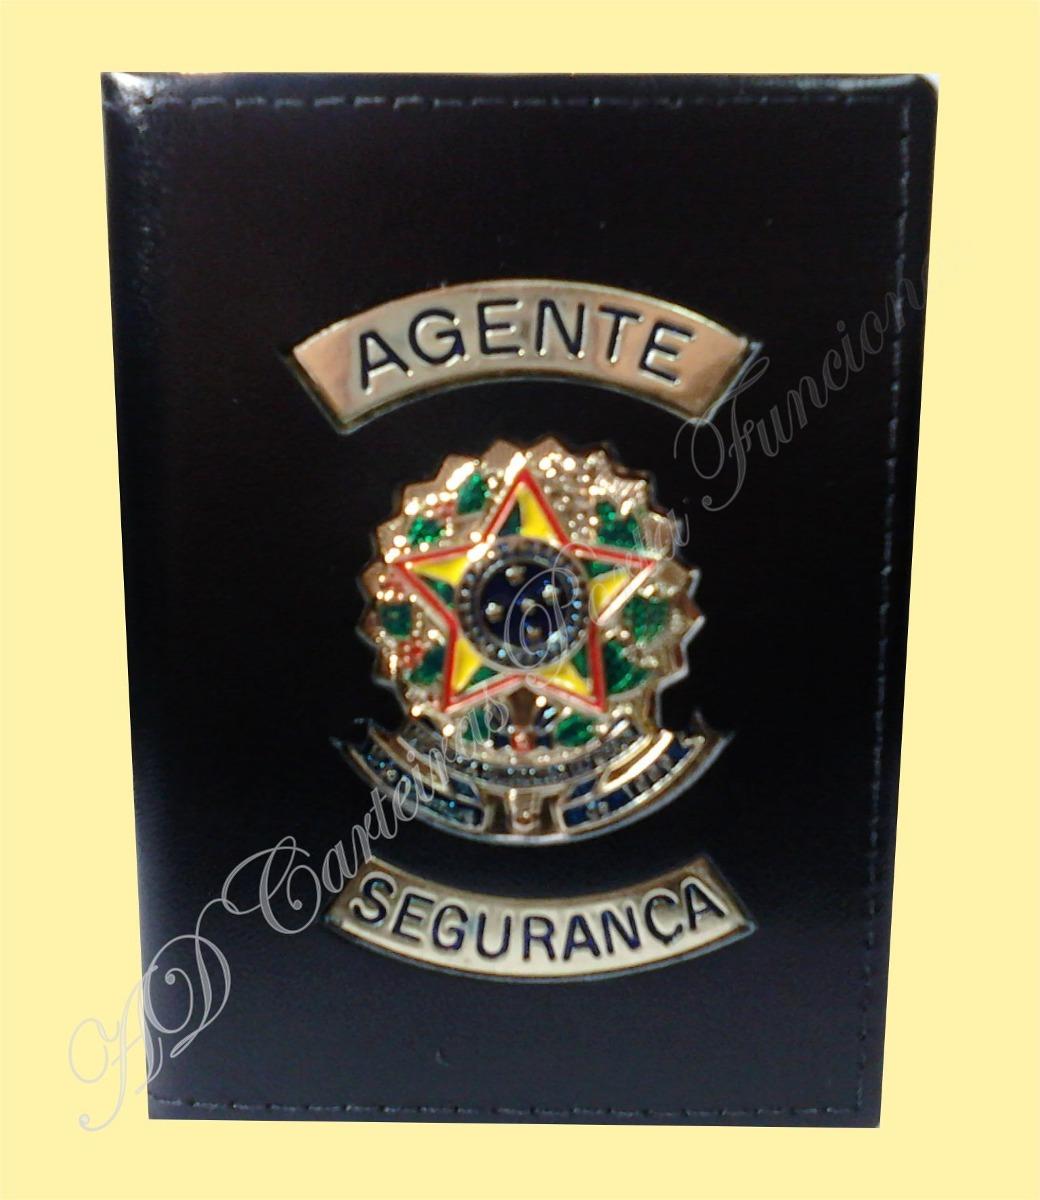 3340560a1 Distintivo Ou Carteira Agente Vigilante - Agente Segurança - R$ 89 ...